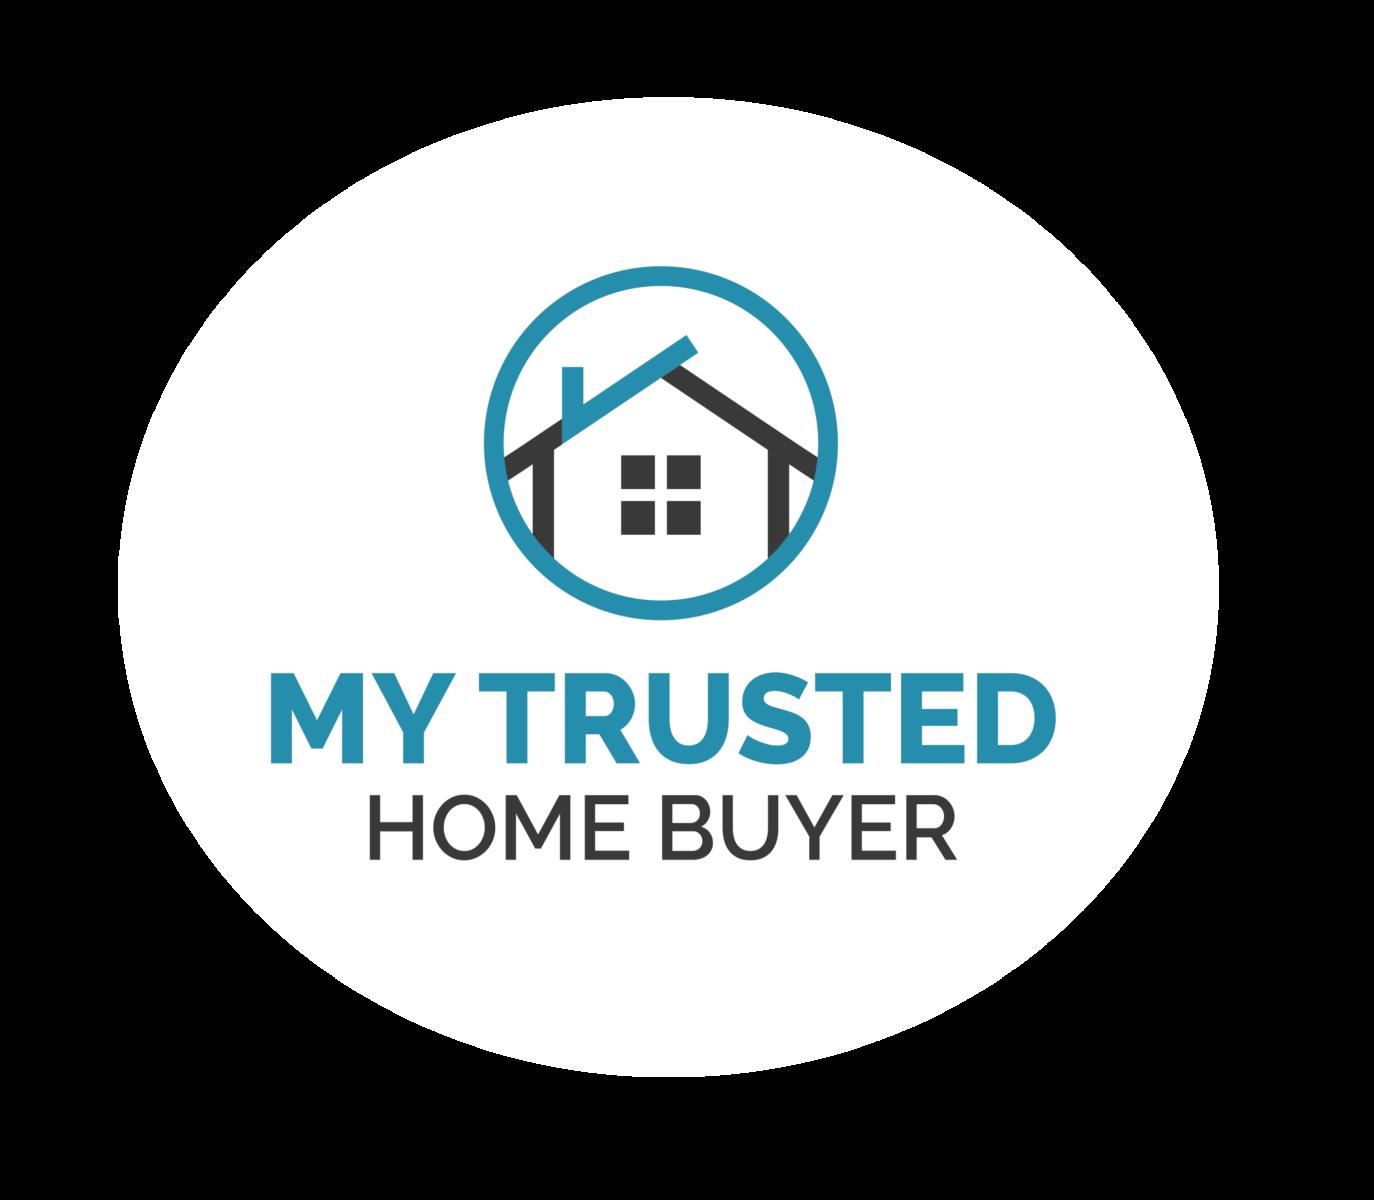 Строительная компания home trust официальный сайт лучшие программы для создания сайта скачать